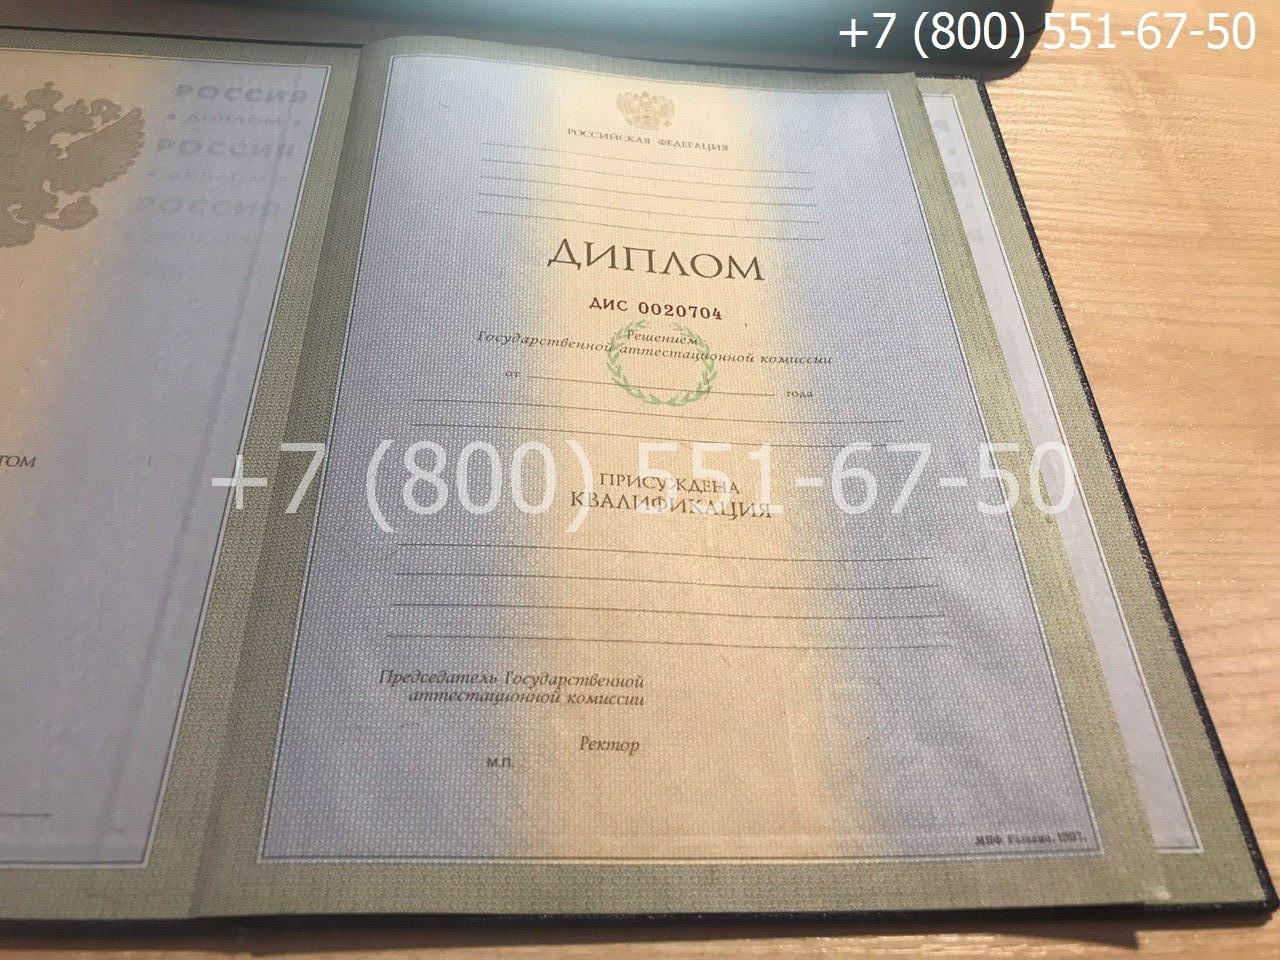 Диплом магистра 1997-2003 годов, старого образца-2